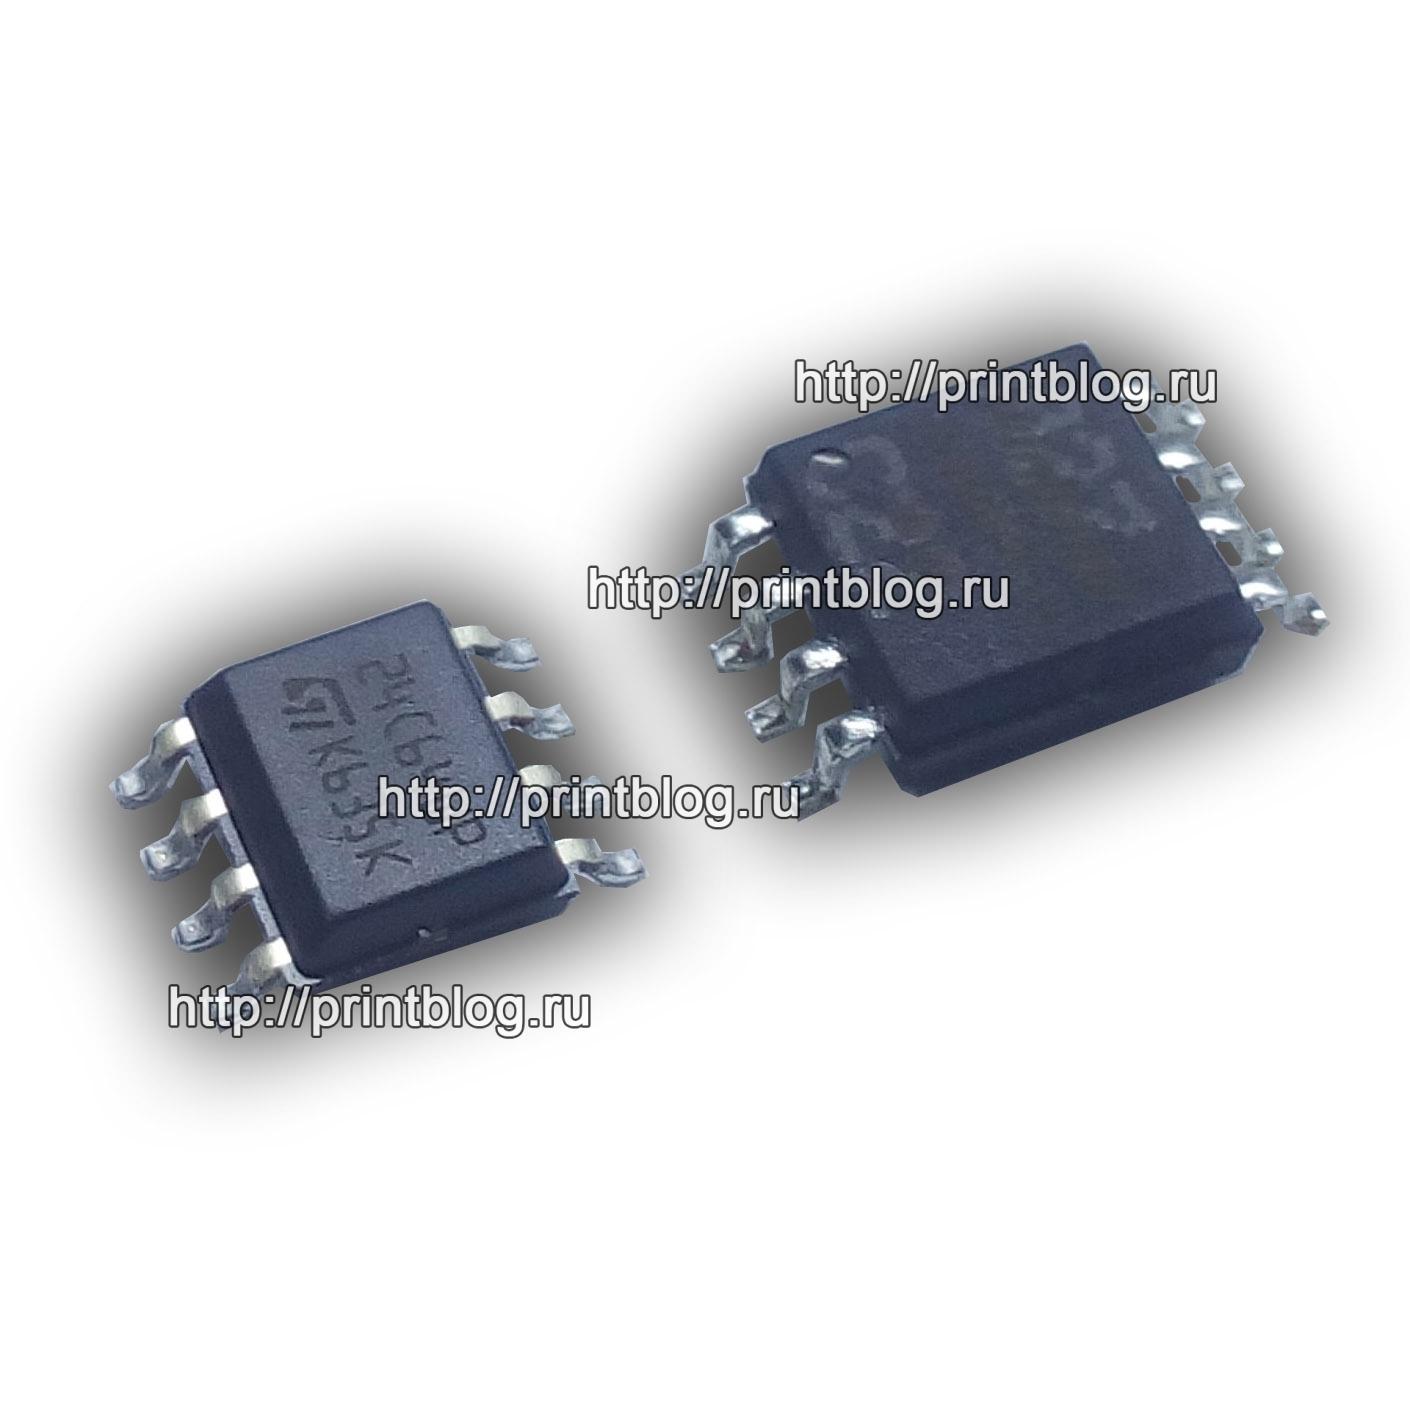 Микросхемы 24С64 и 25Q64 Samsung 2070